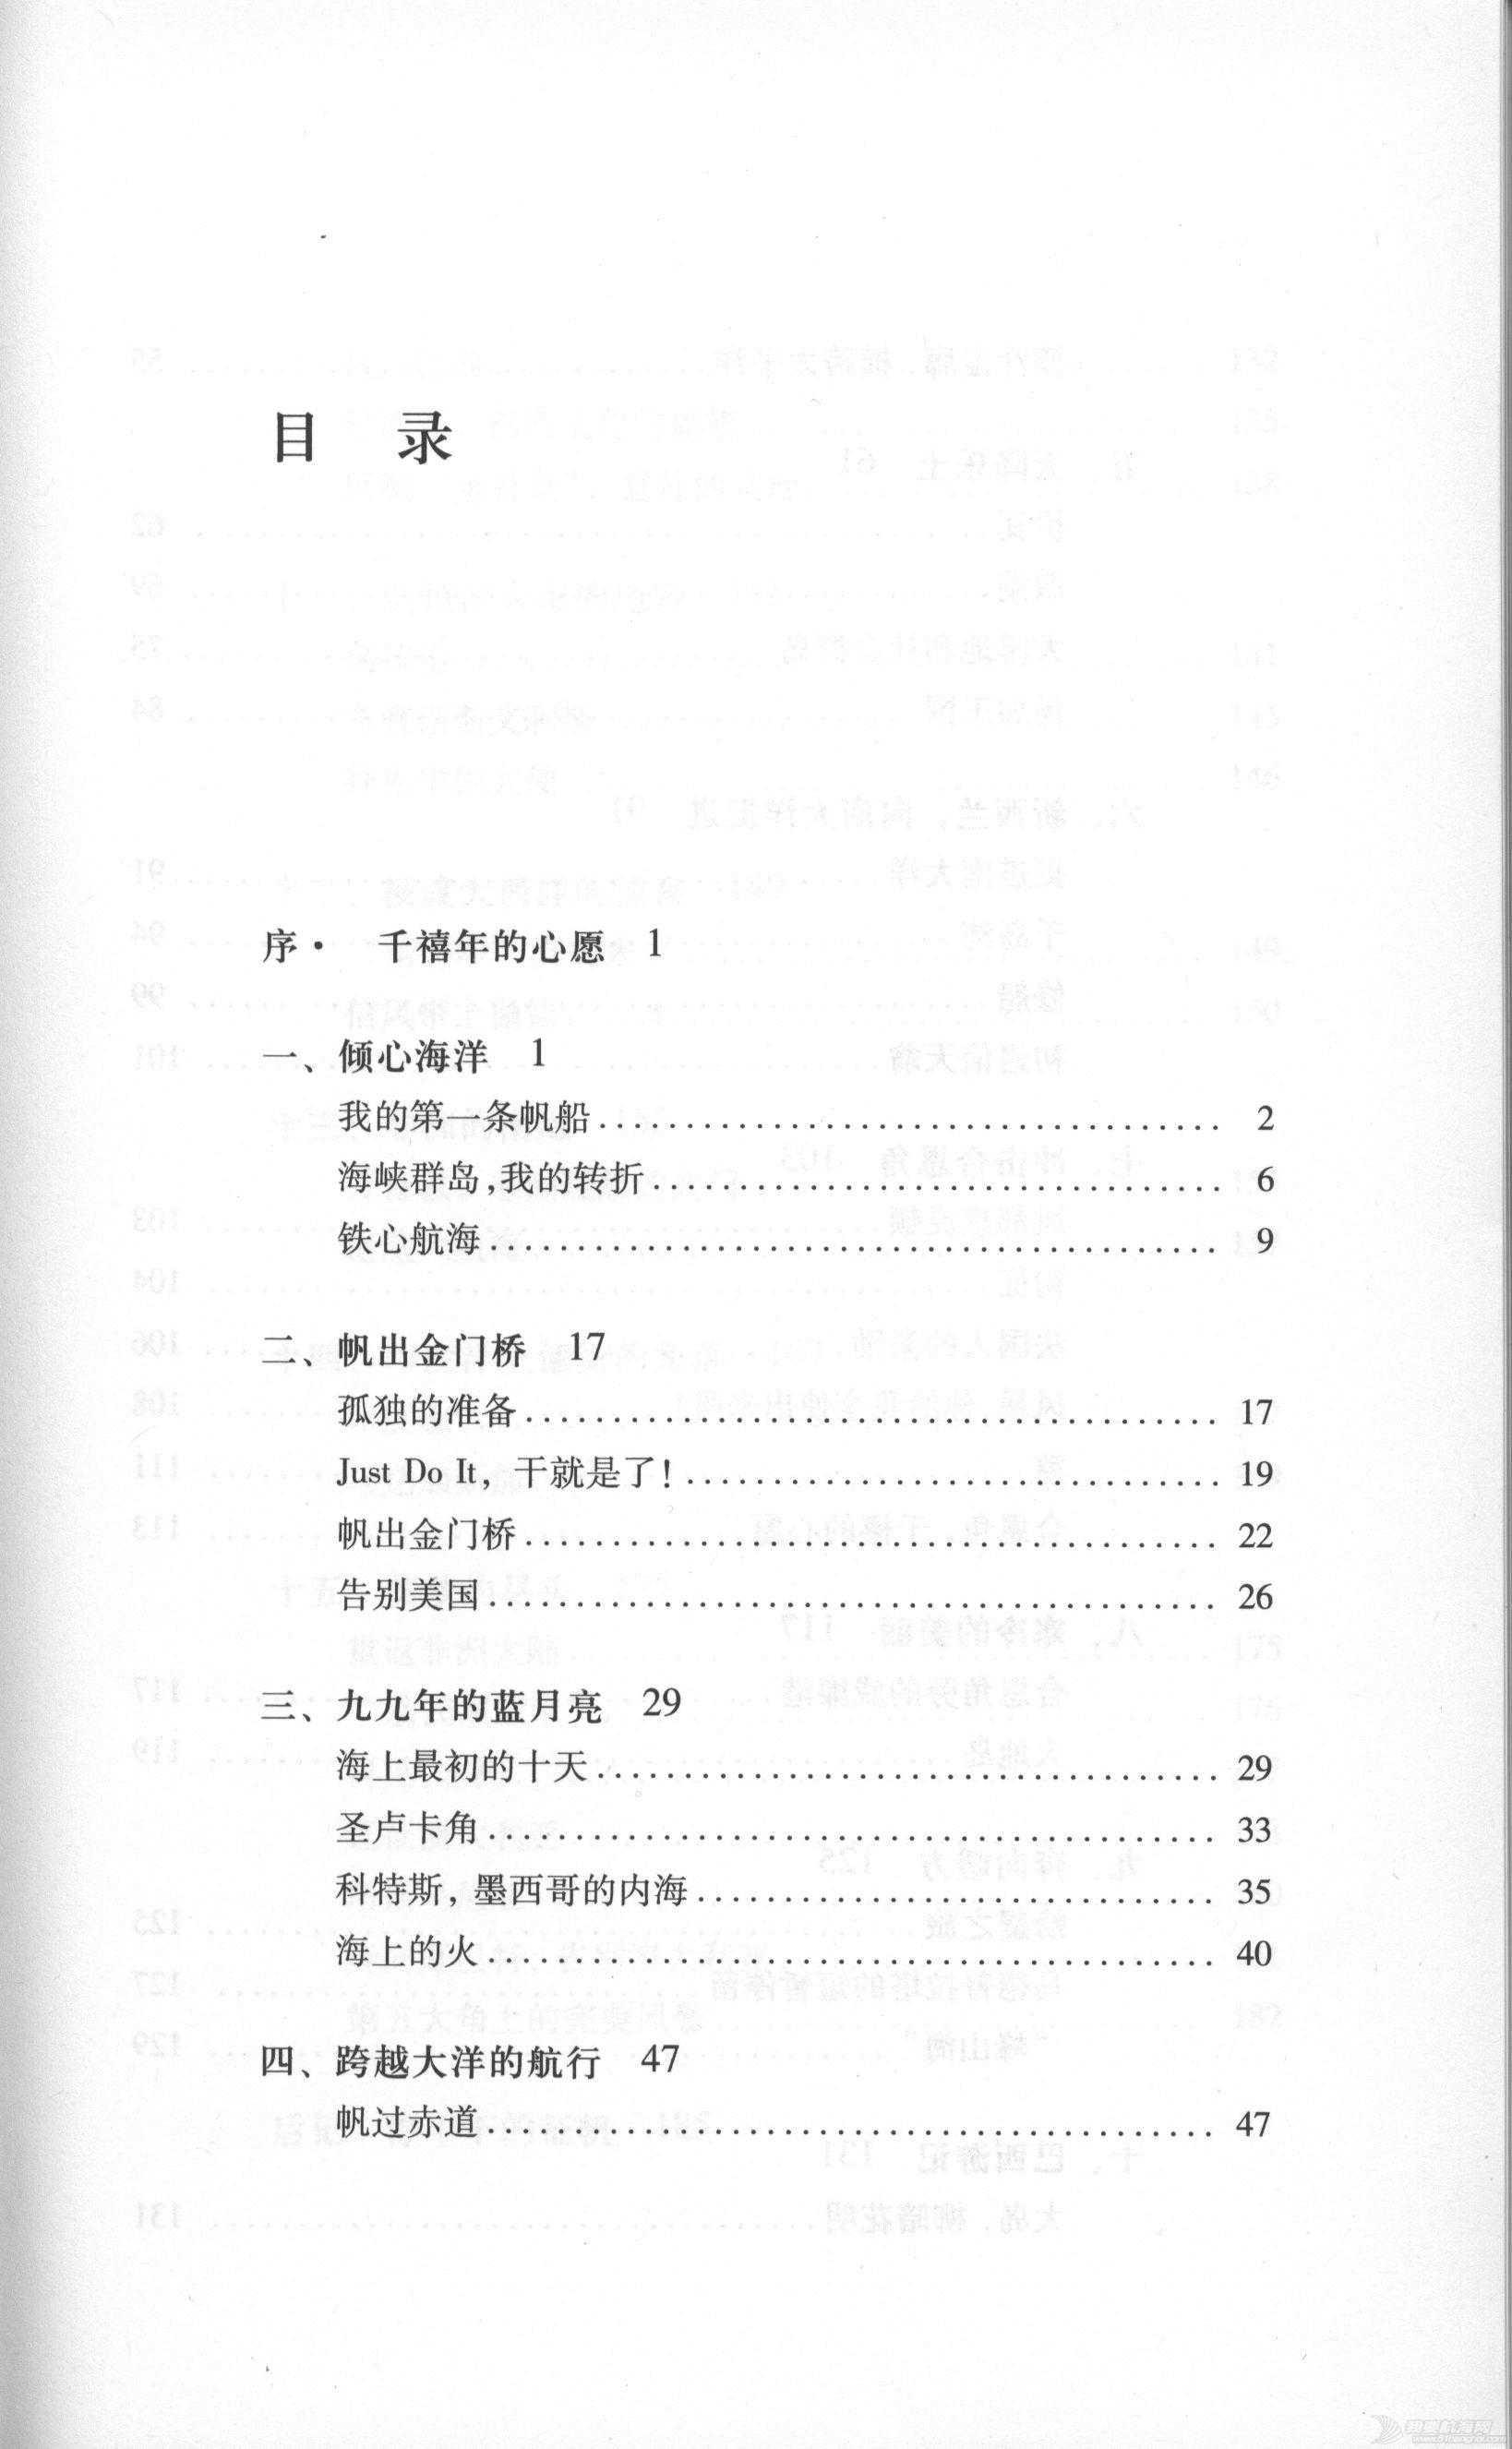 《征帆》  PDF文件 下载 1.jpg